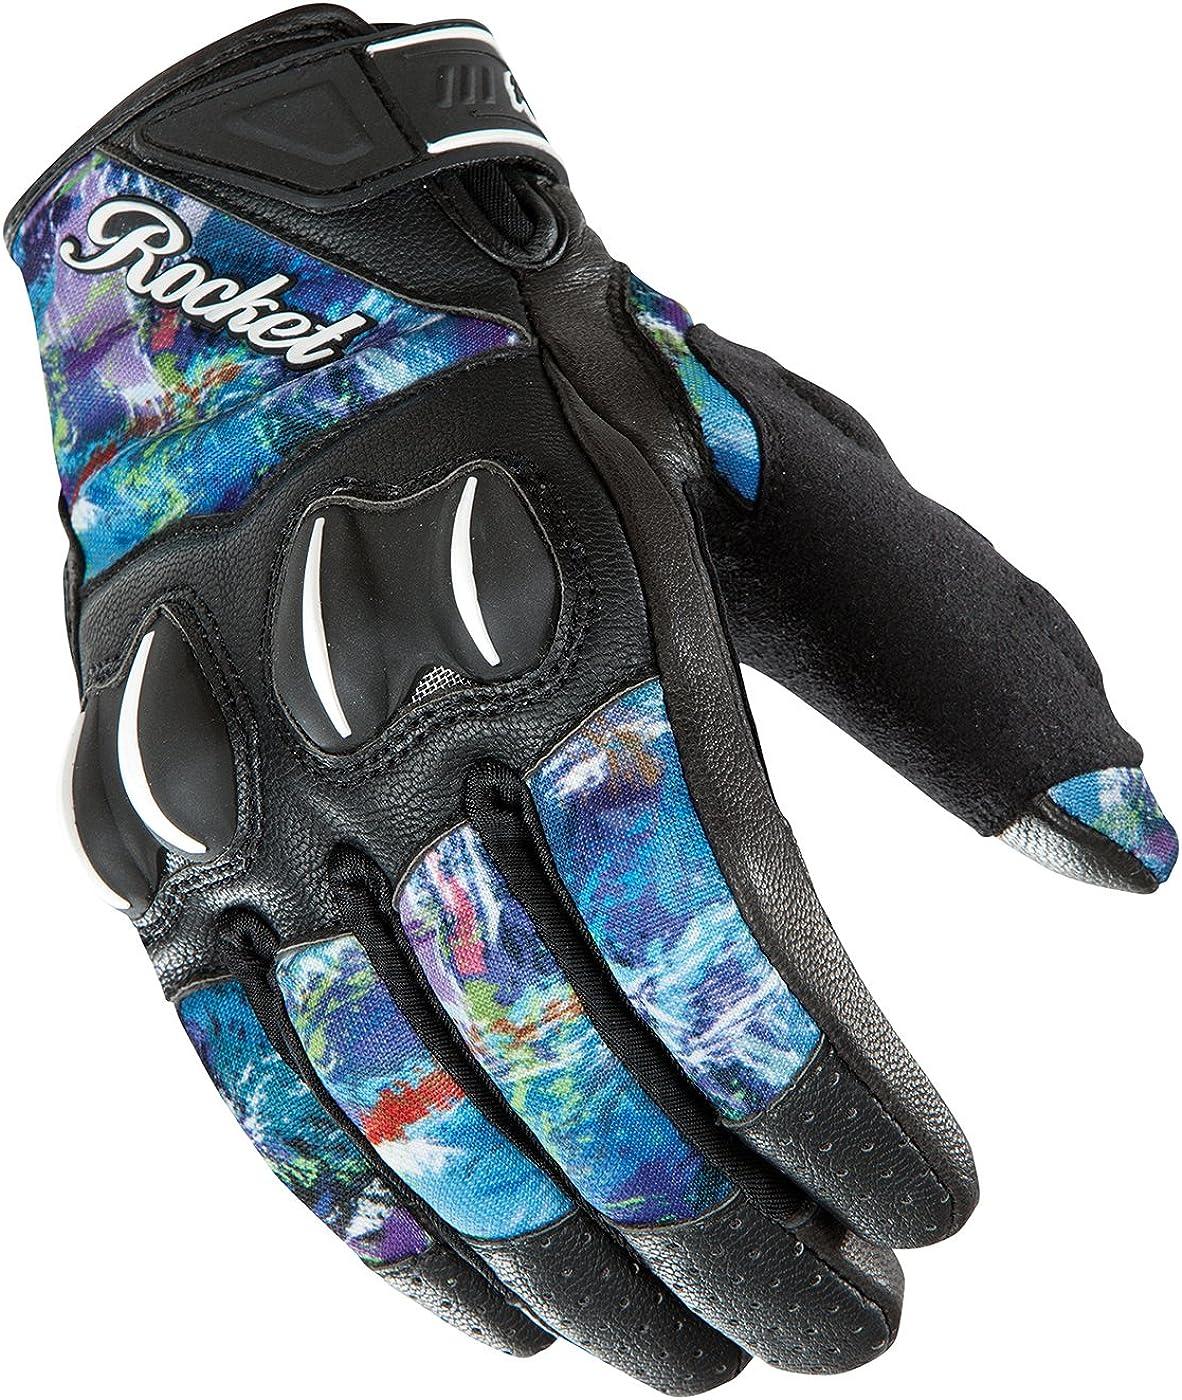 Joe Rocket Women's 半額 在庫限り Cyntek Glove